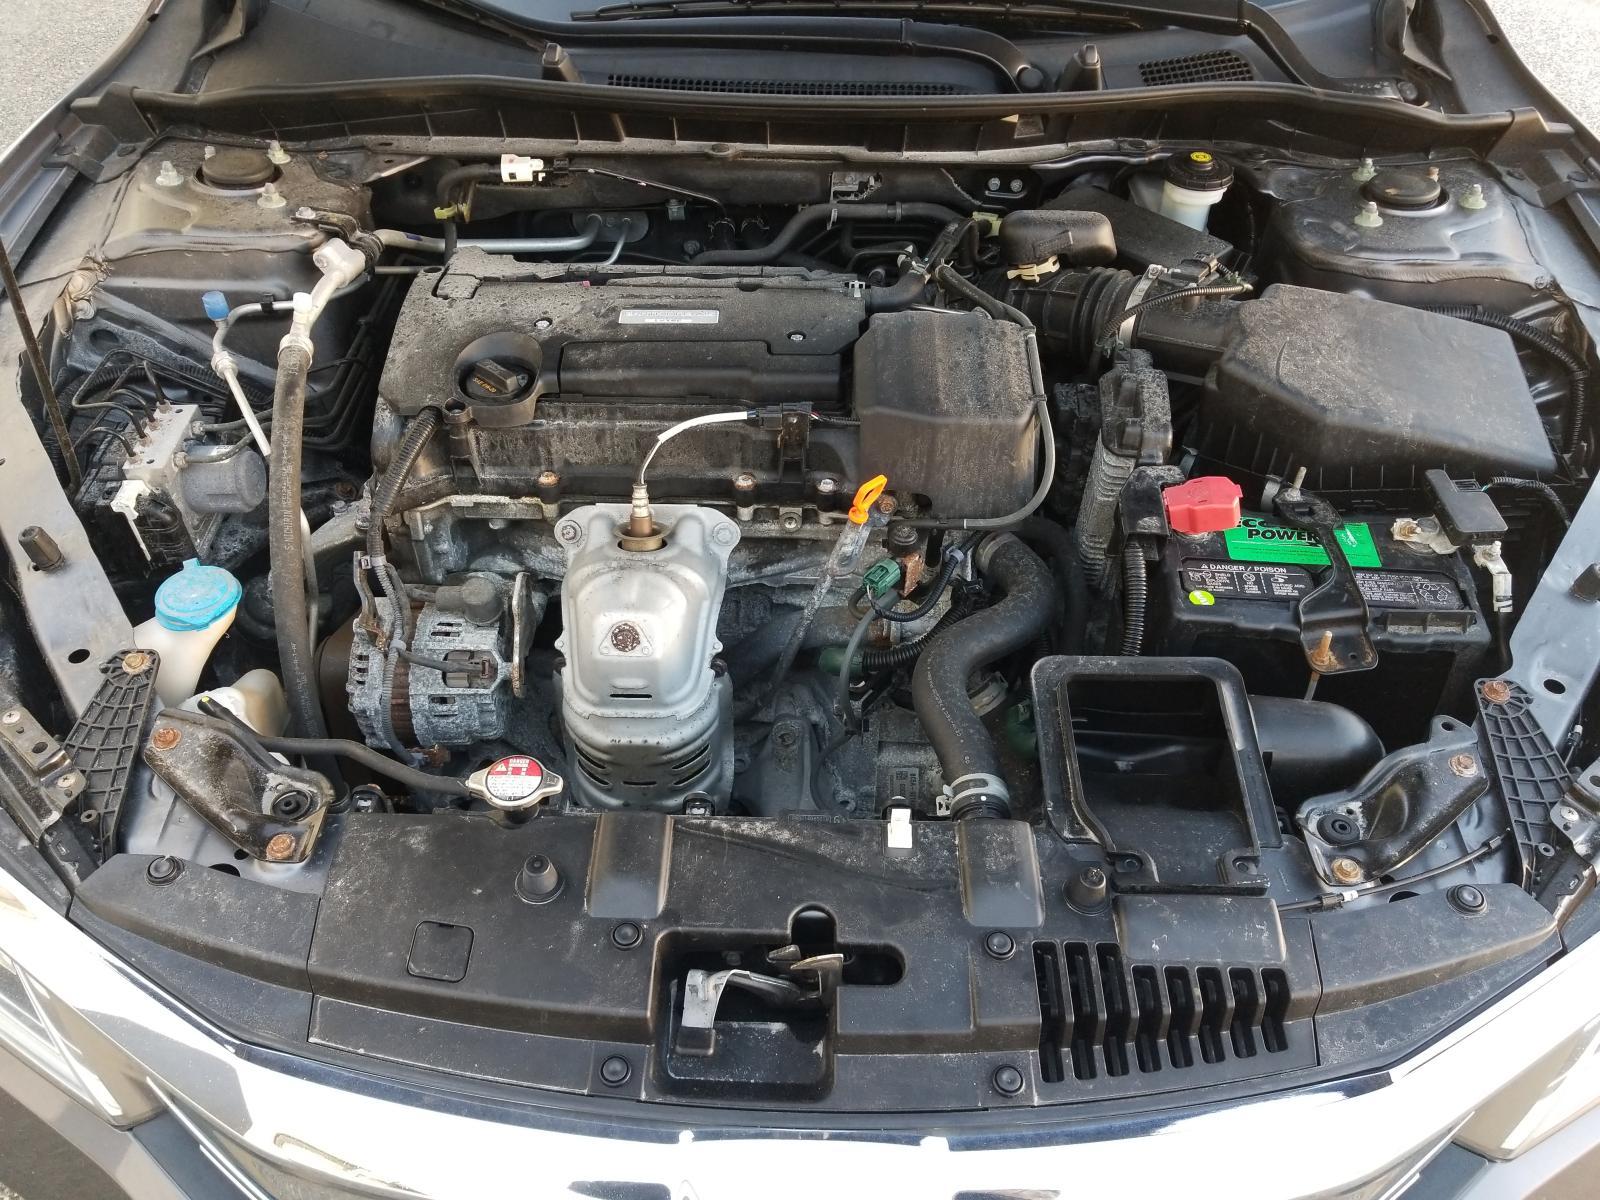 1HGCR2F3XGA192999 - 2016 Honda Accord Lx 2.4L inside view